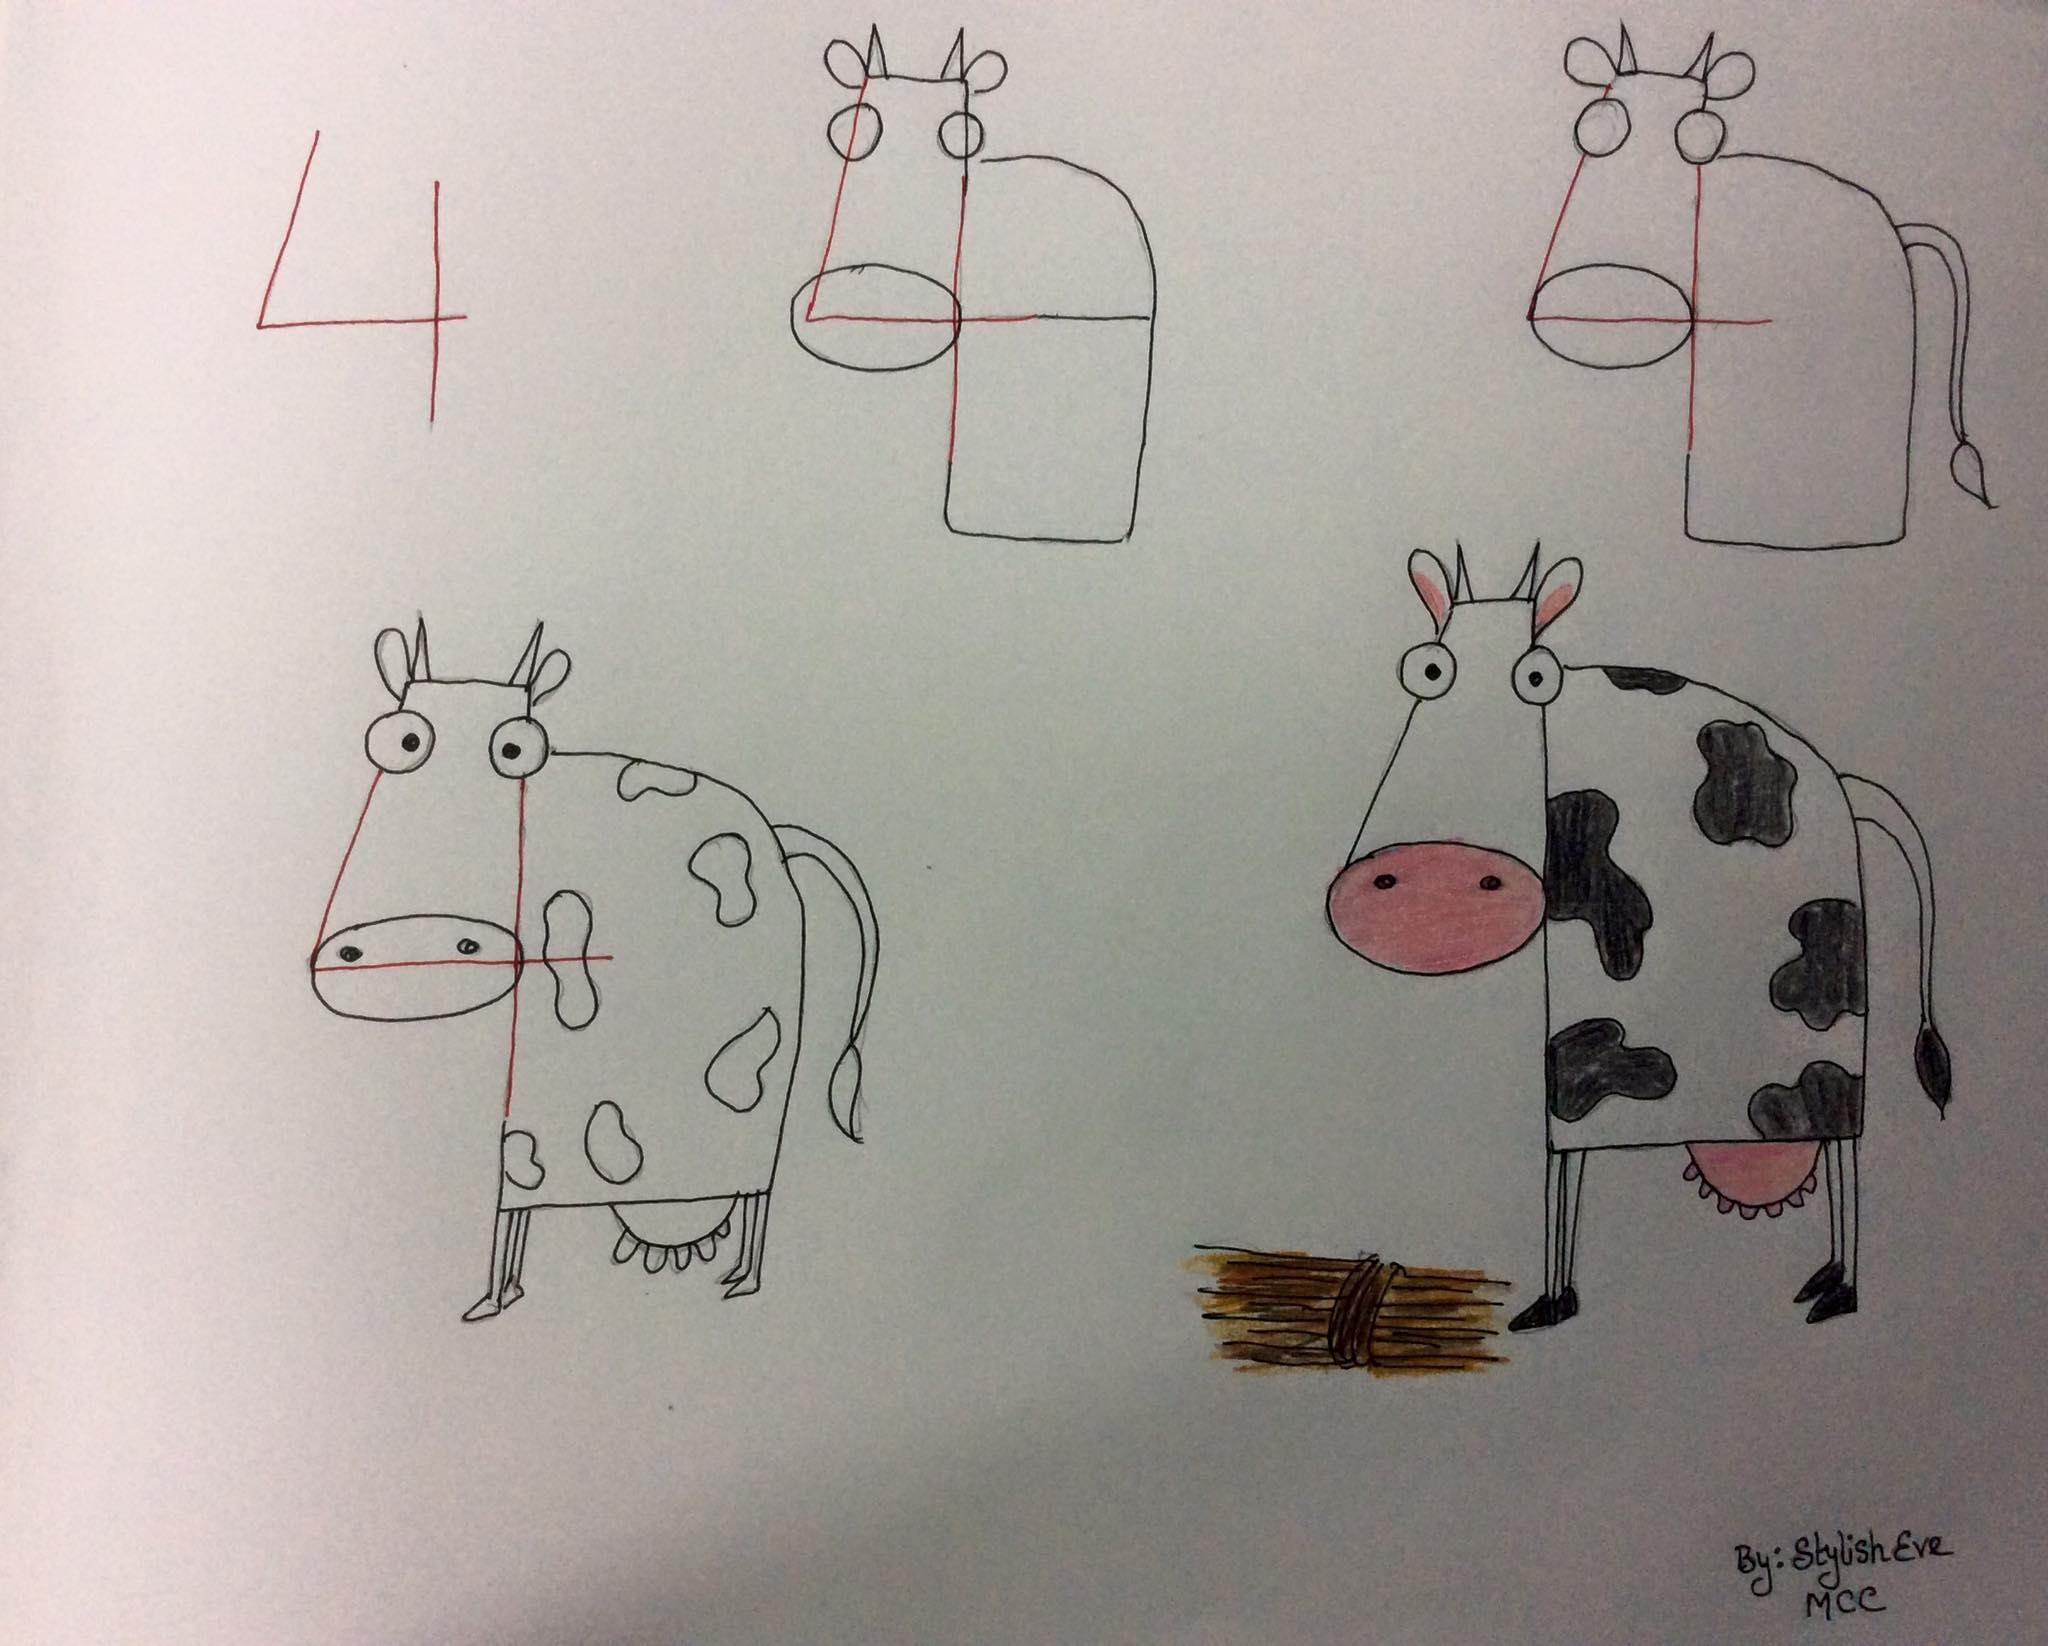 aprende a dibujar con numeros y letras 9